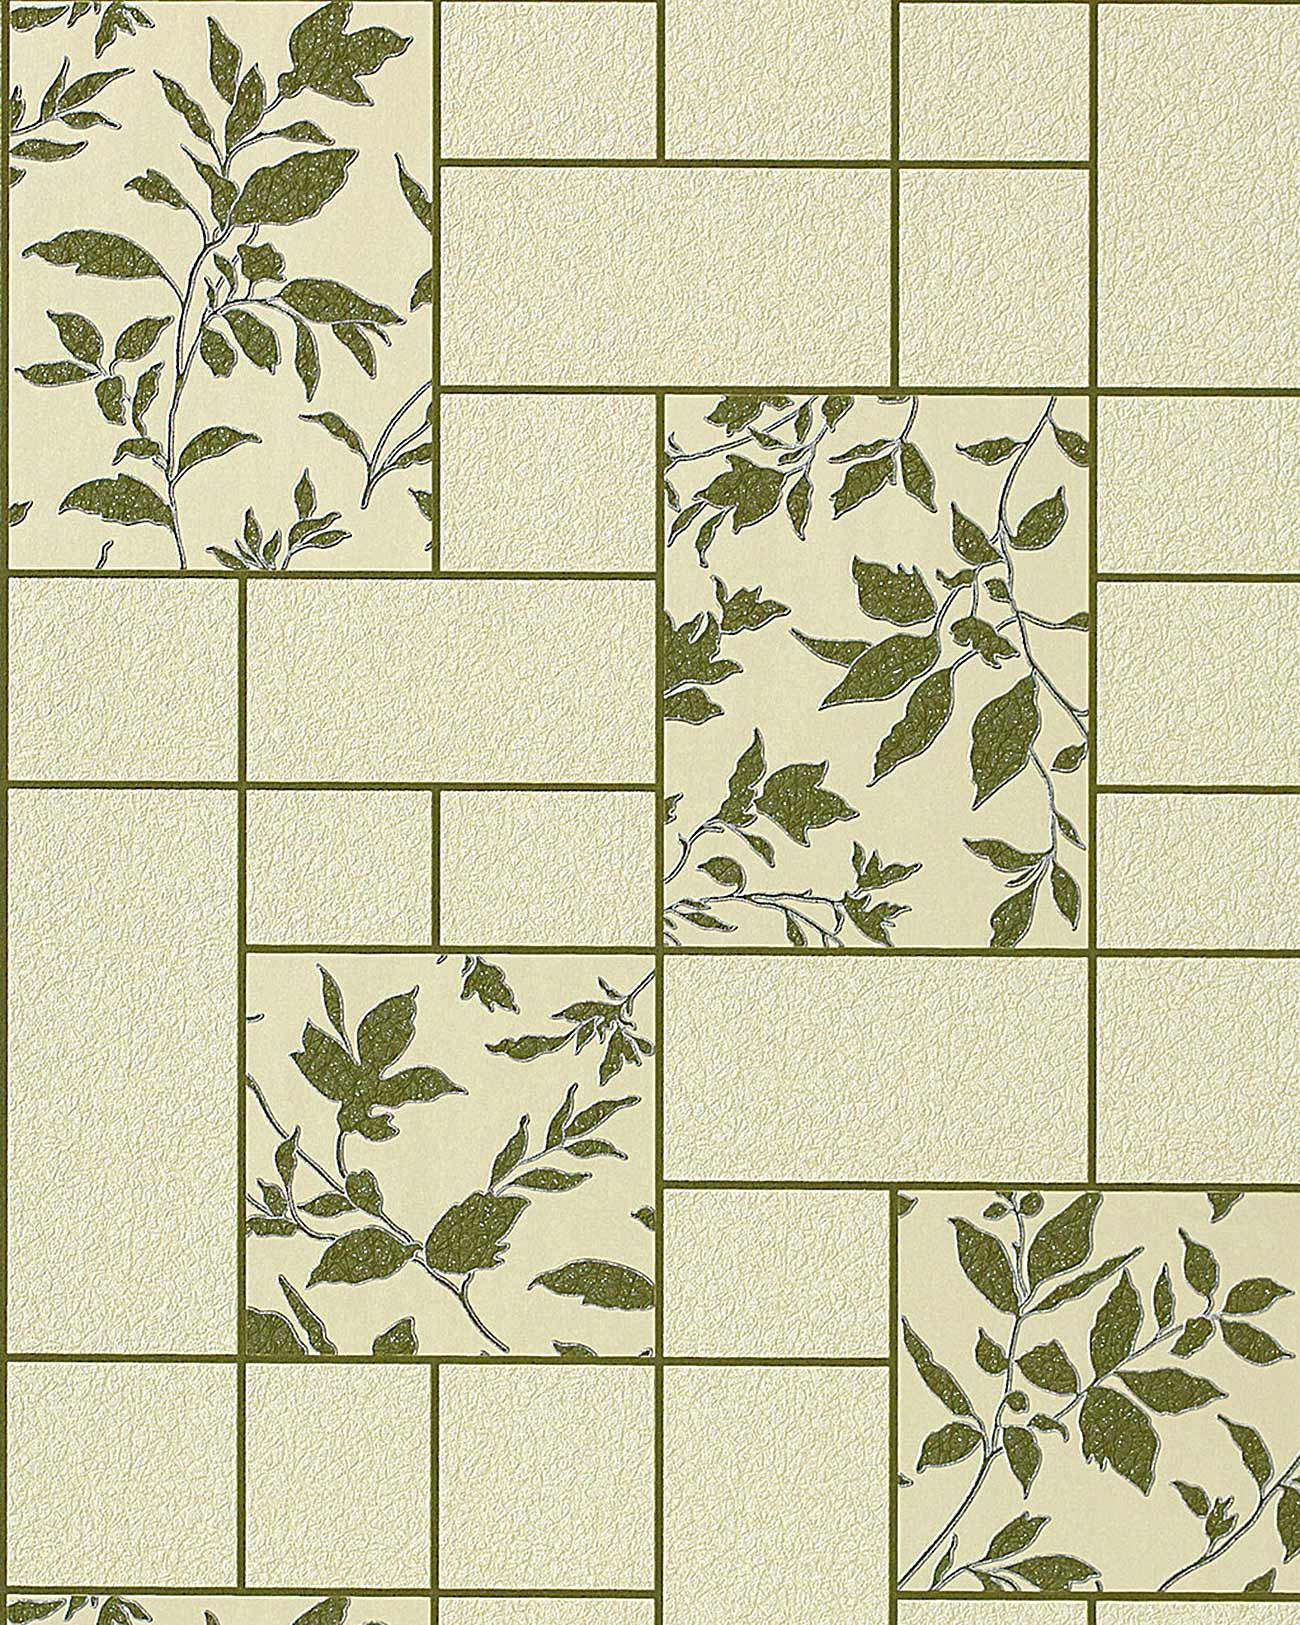 ... 25 e bagno lavabile a piastrelle con fiori in verde beige verde oliva